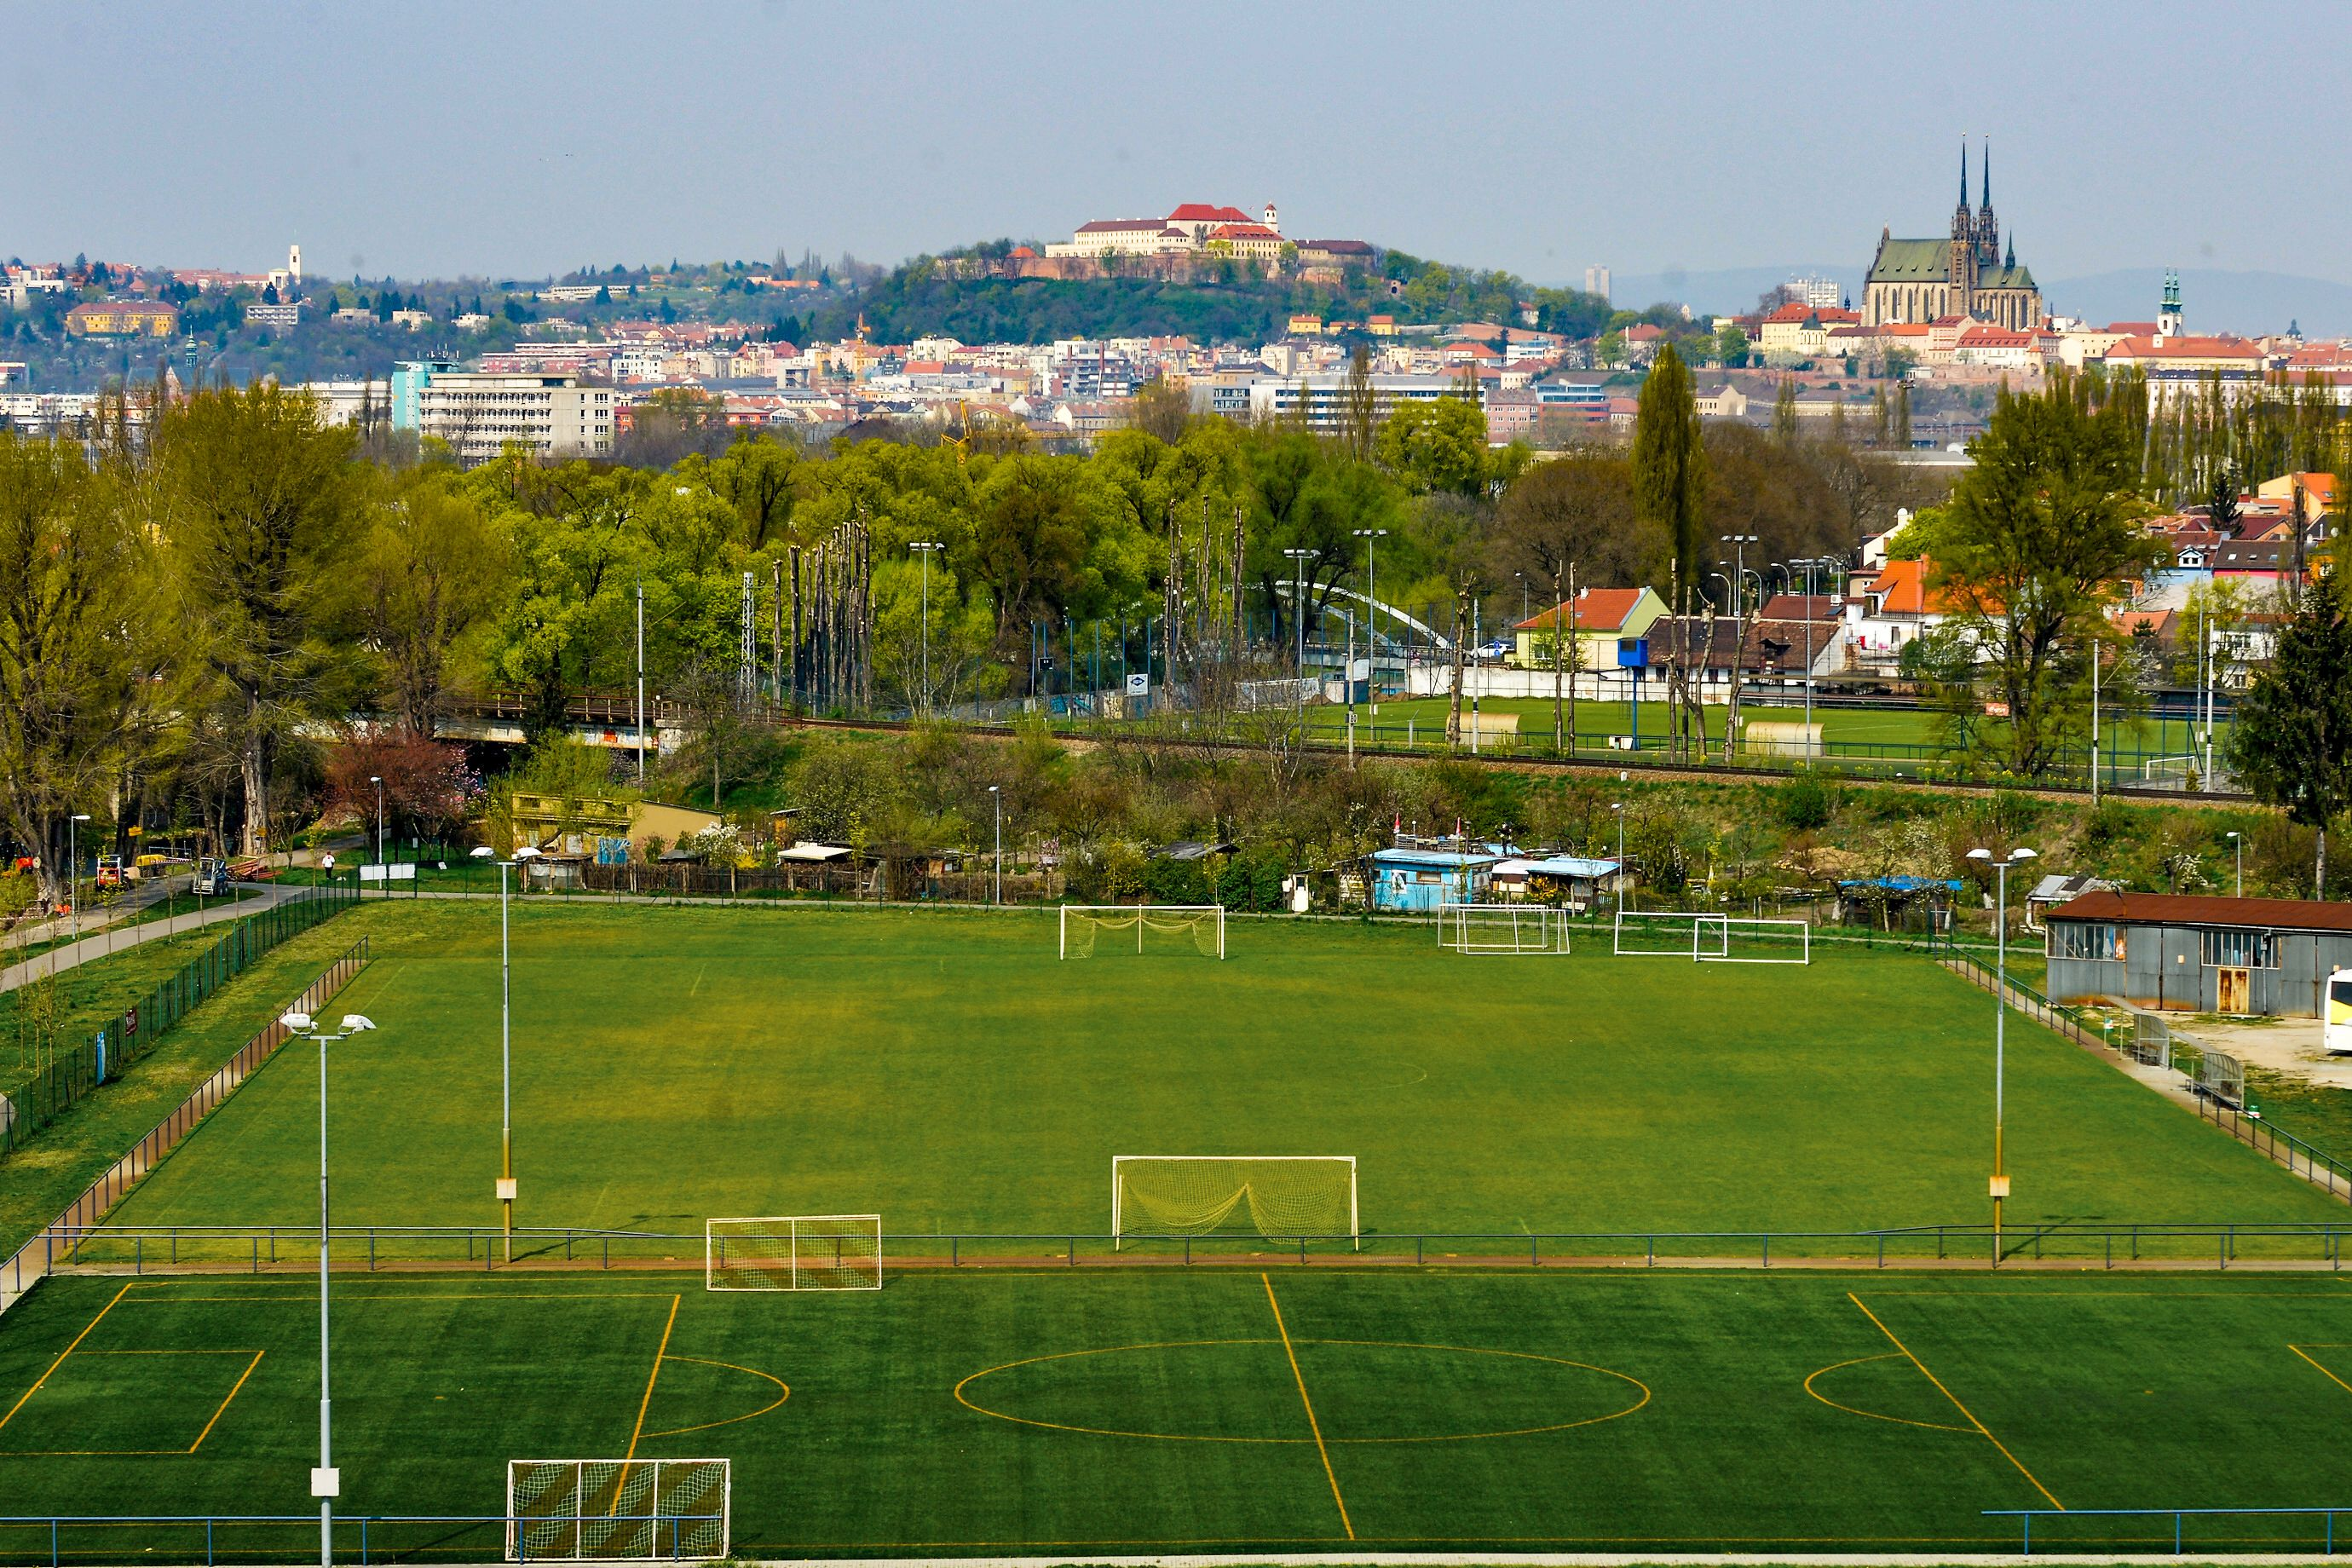 Sportovní areál Brno-jih v Brně